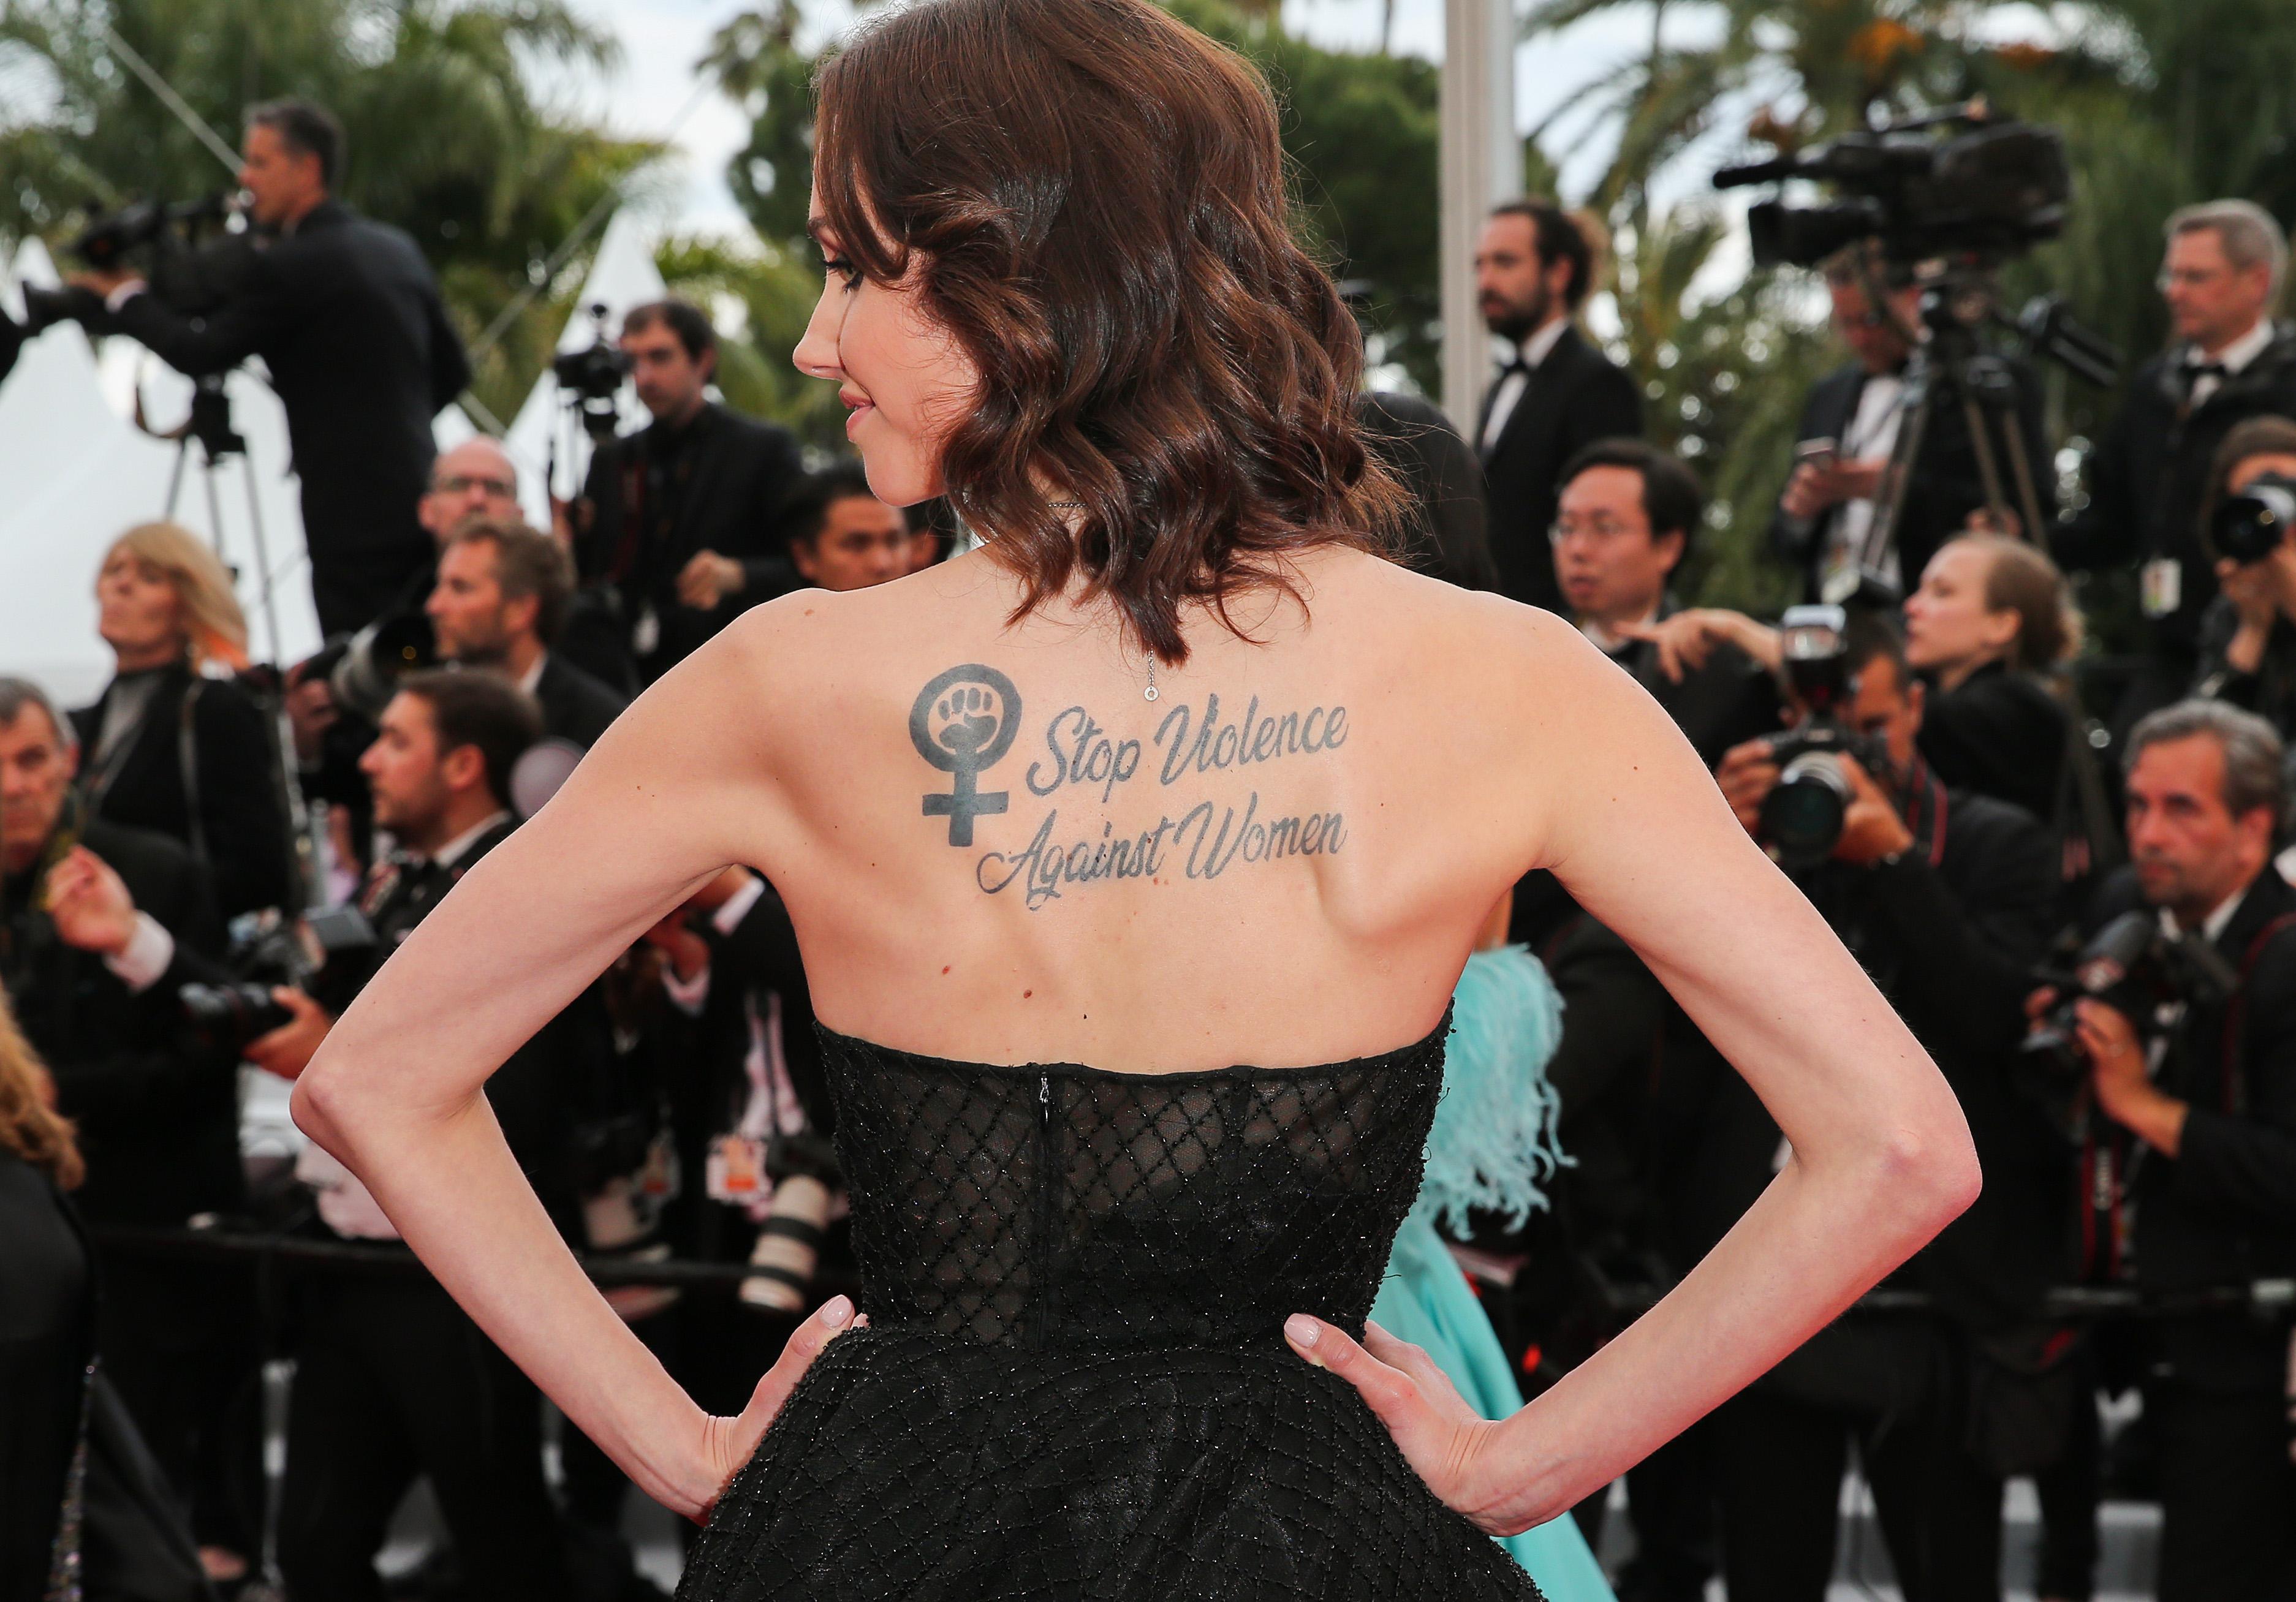 Sand Van Roy, l'actrice qui accuse Luc Besson de viol affiche un message fort à Cannes